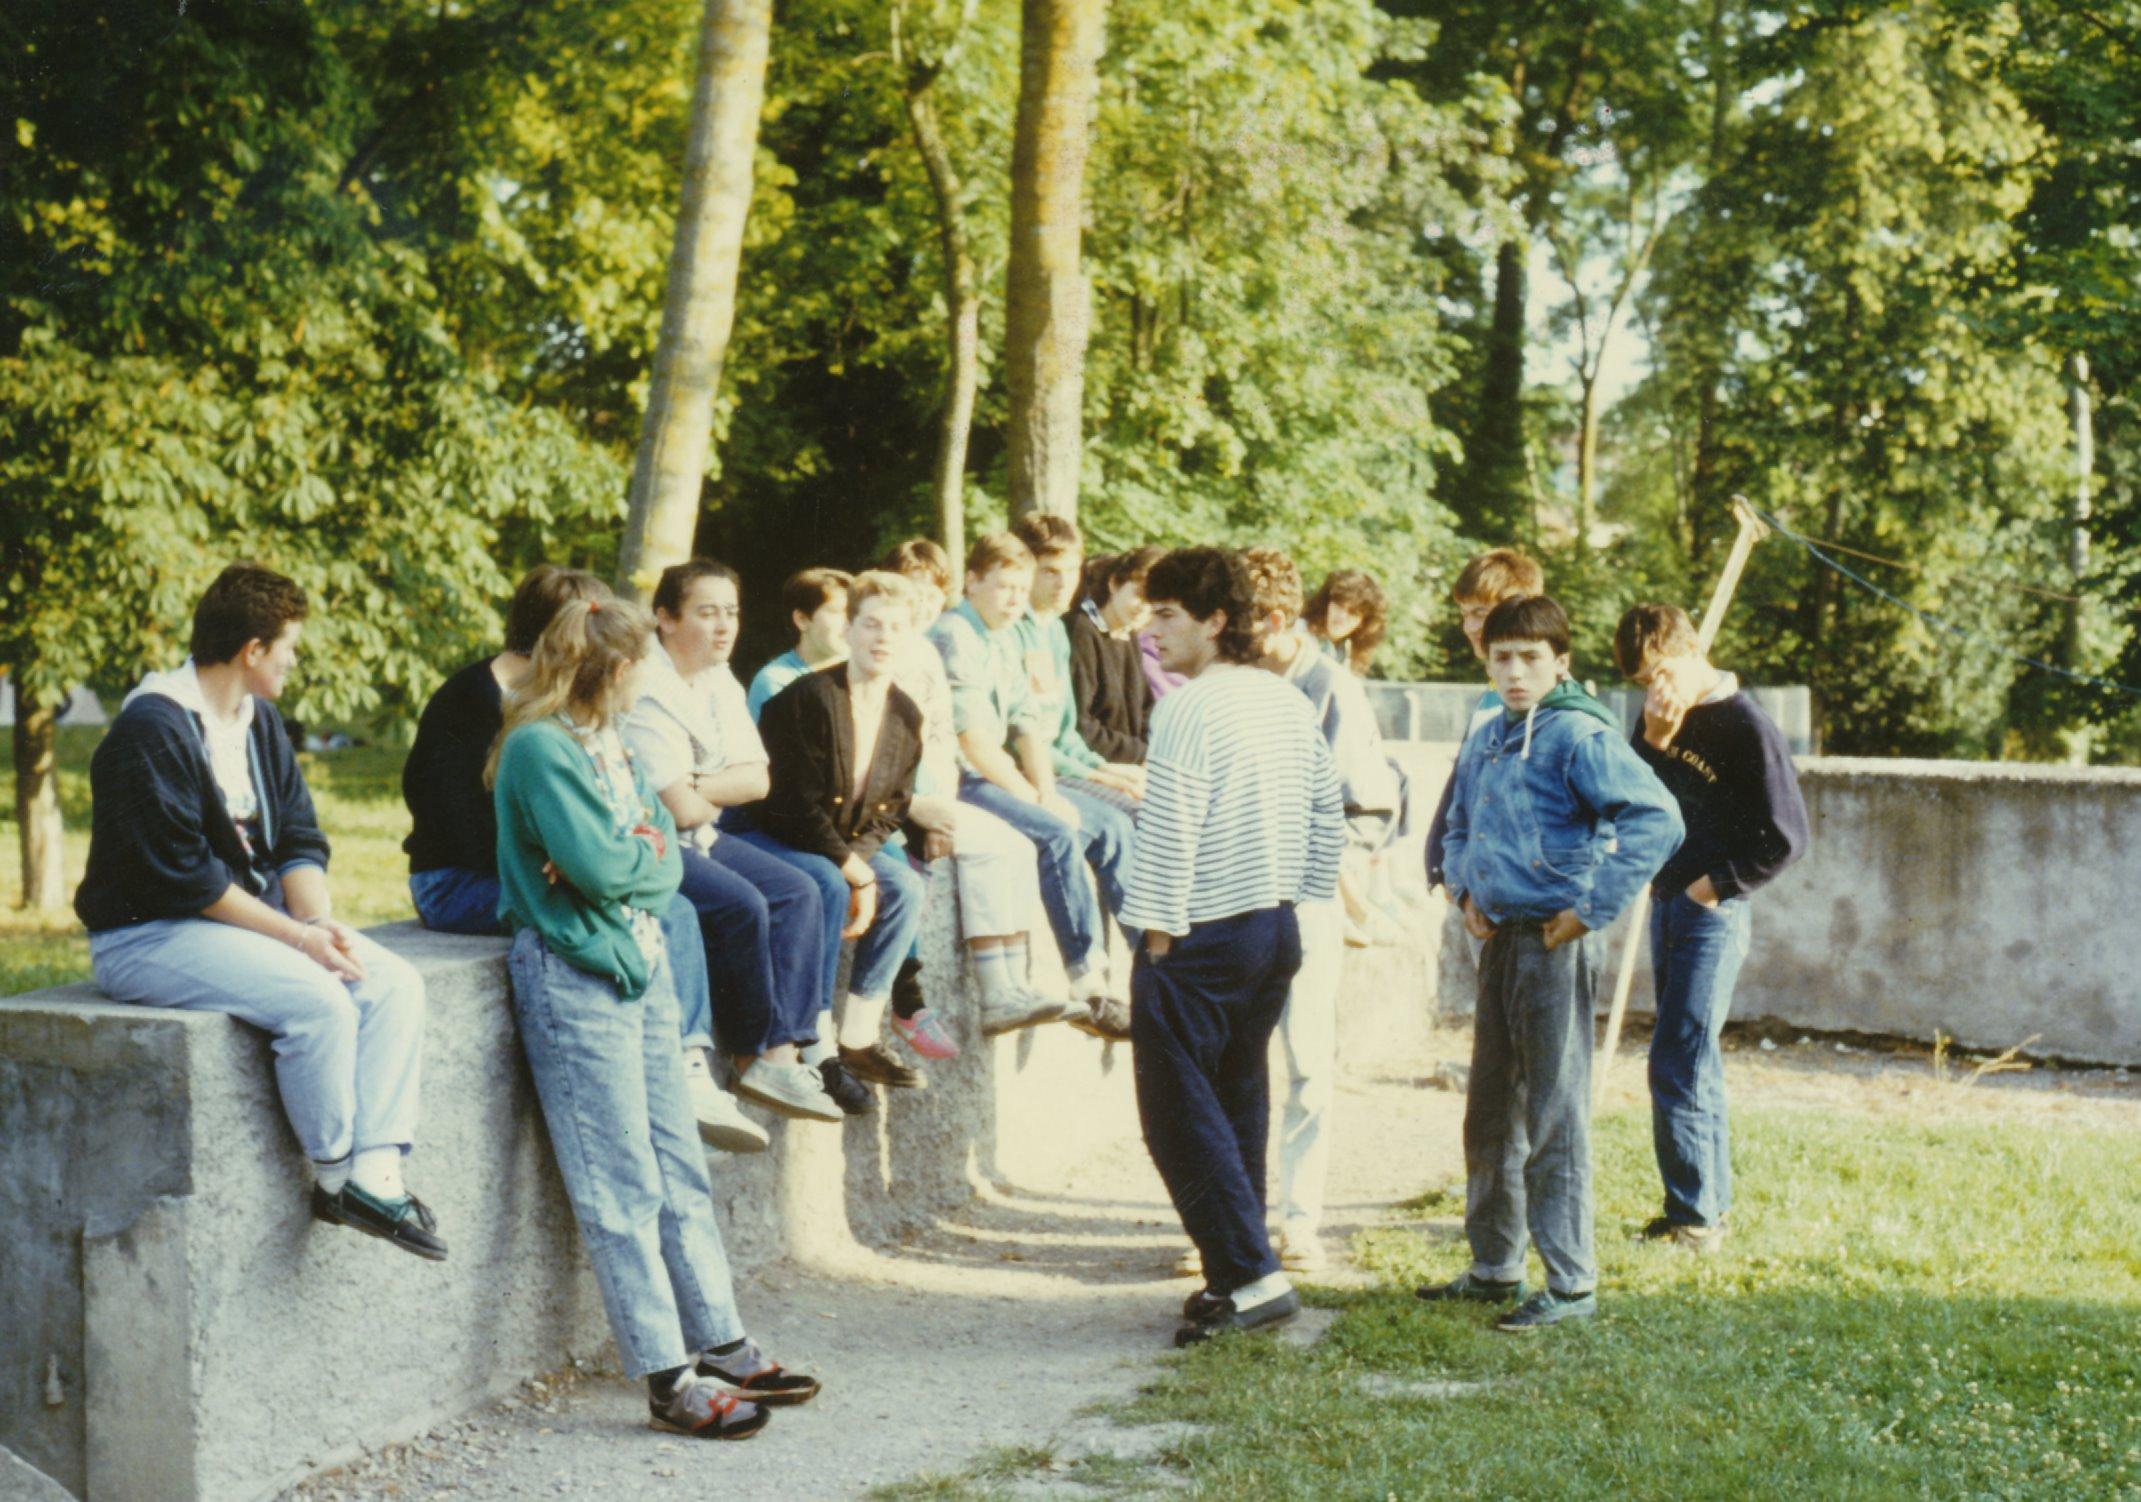 Archives anciens élèves mfr puy-sec 1986 (22)